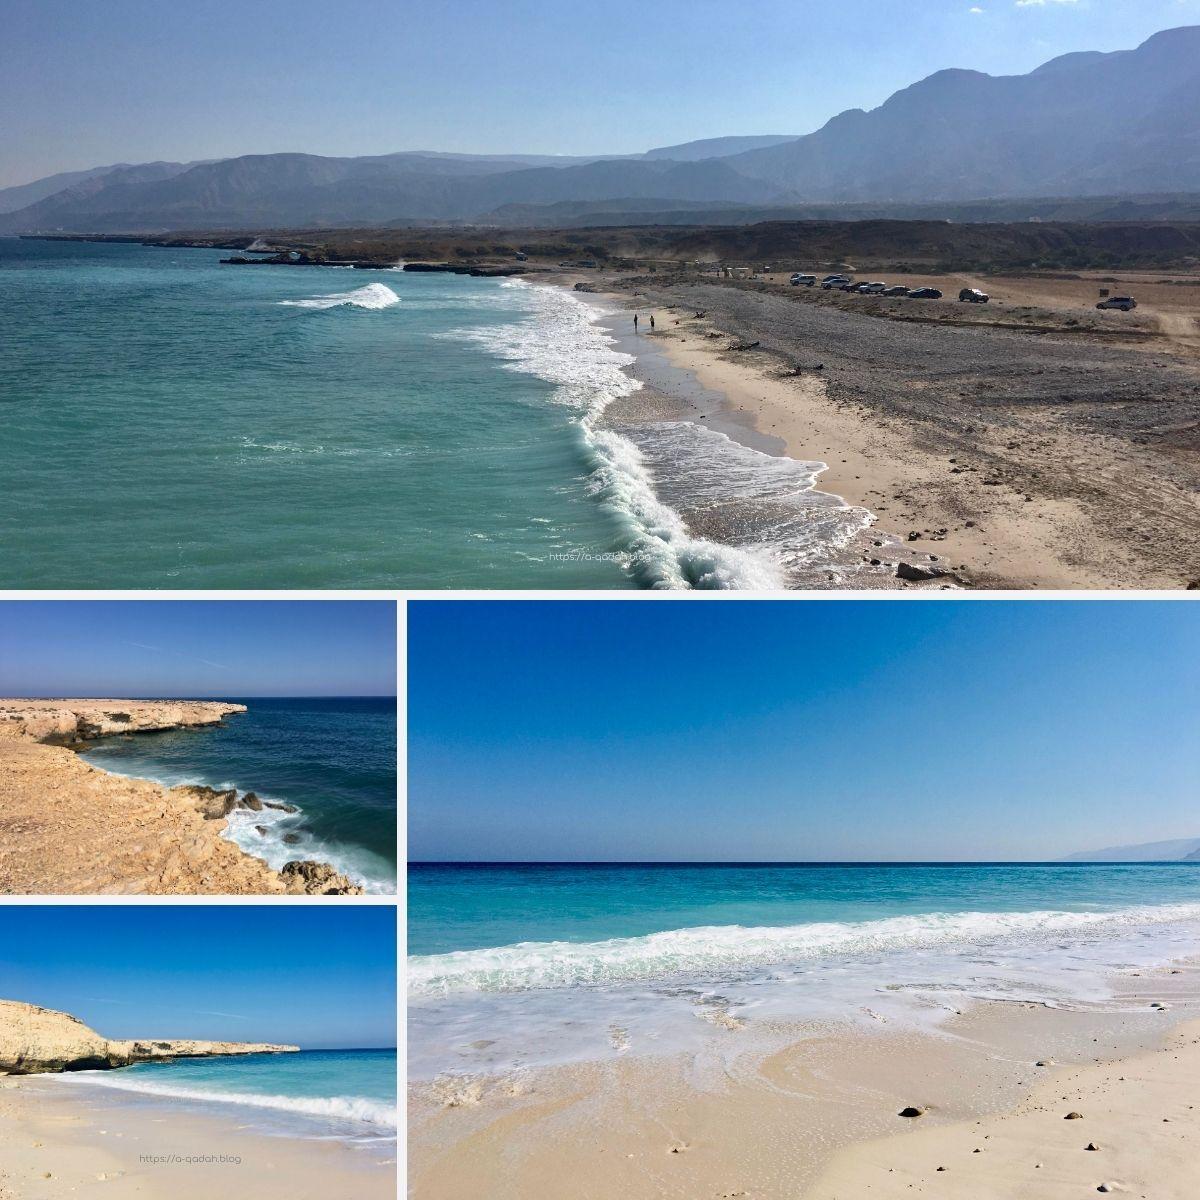 شاطئ فِنس الشاطئ الأبيض والشاطئ الصخري سلطنة عمان